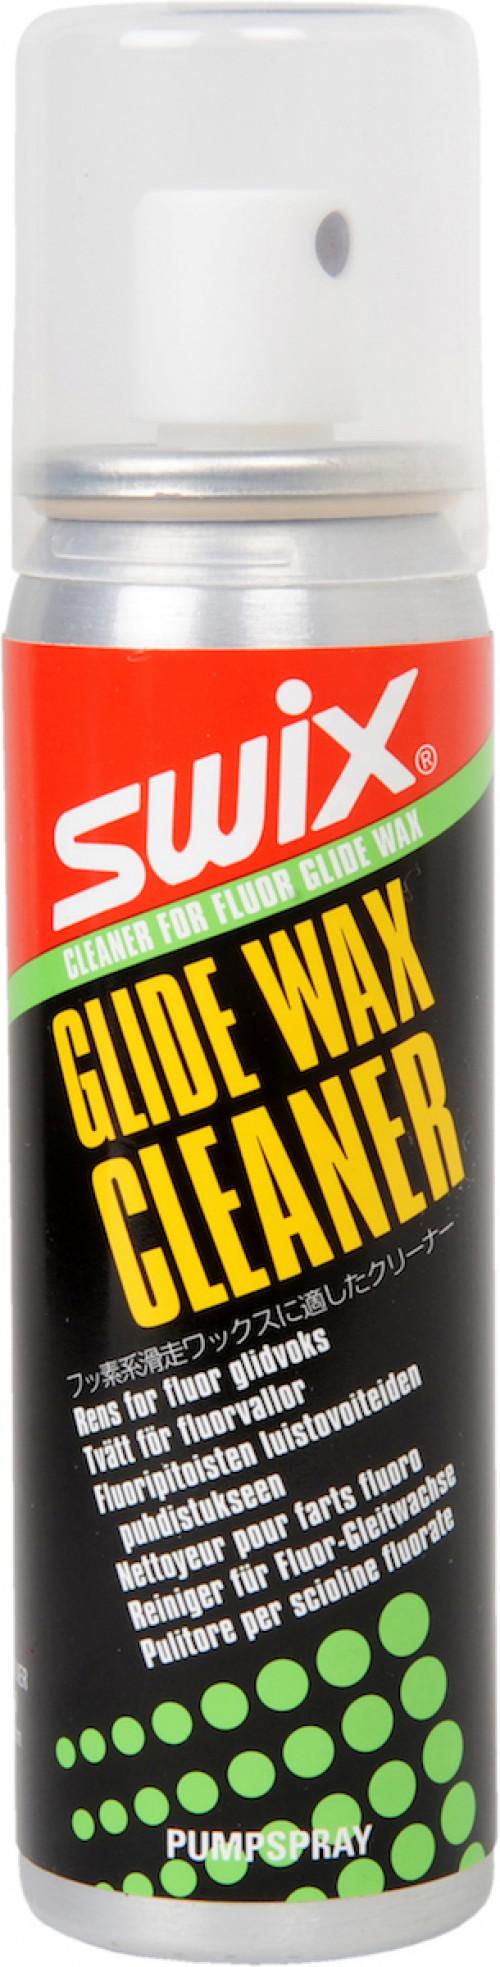 Swix I84 Cleaner,Fluoro Glidewax,70ml